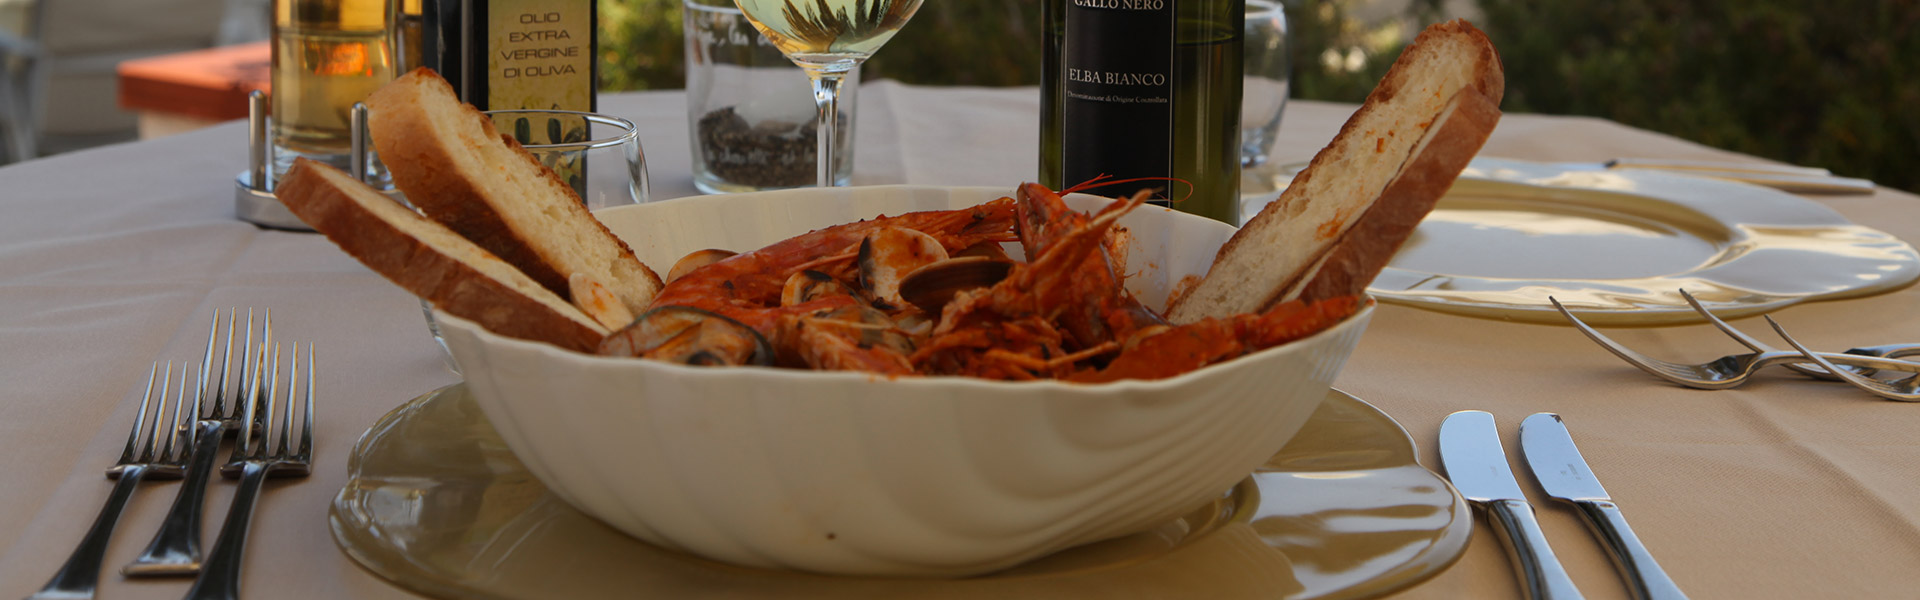 Cucina Hotel Gallo Nero